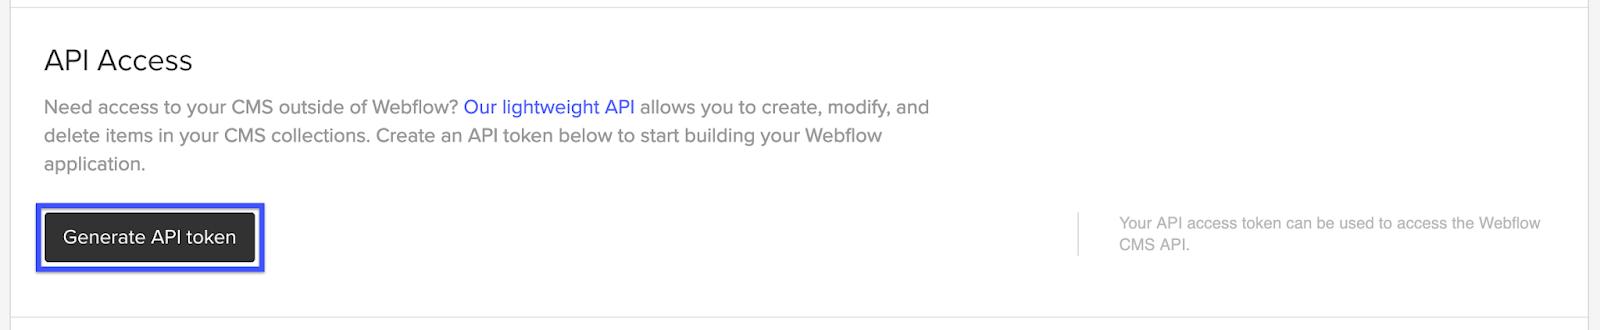 webflow generate api token